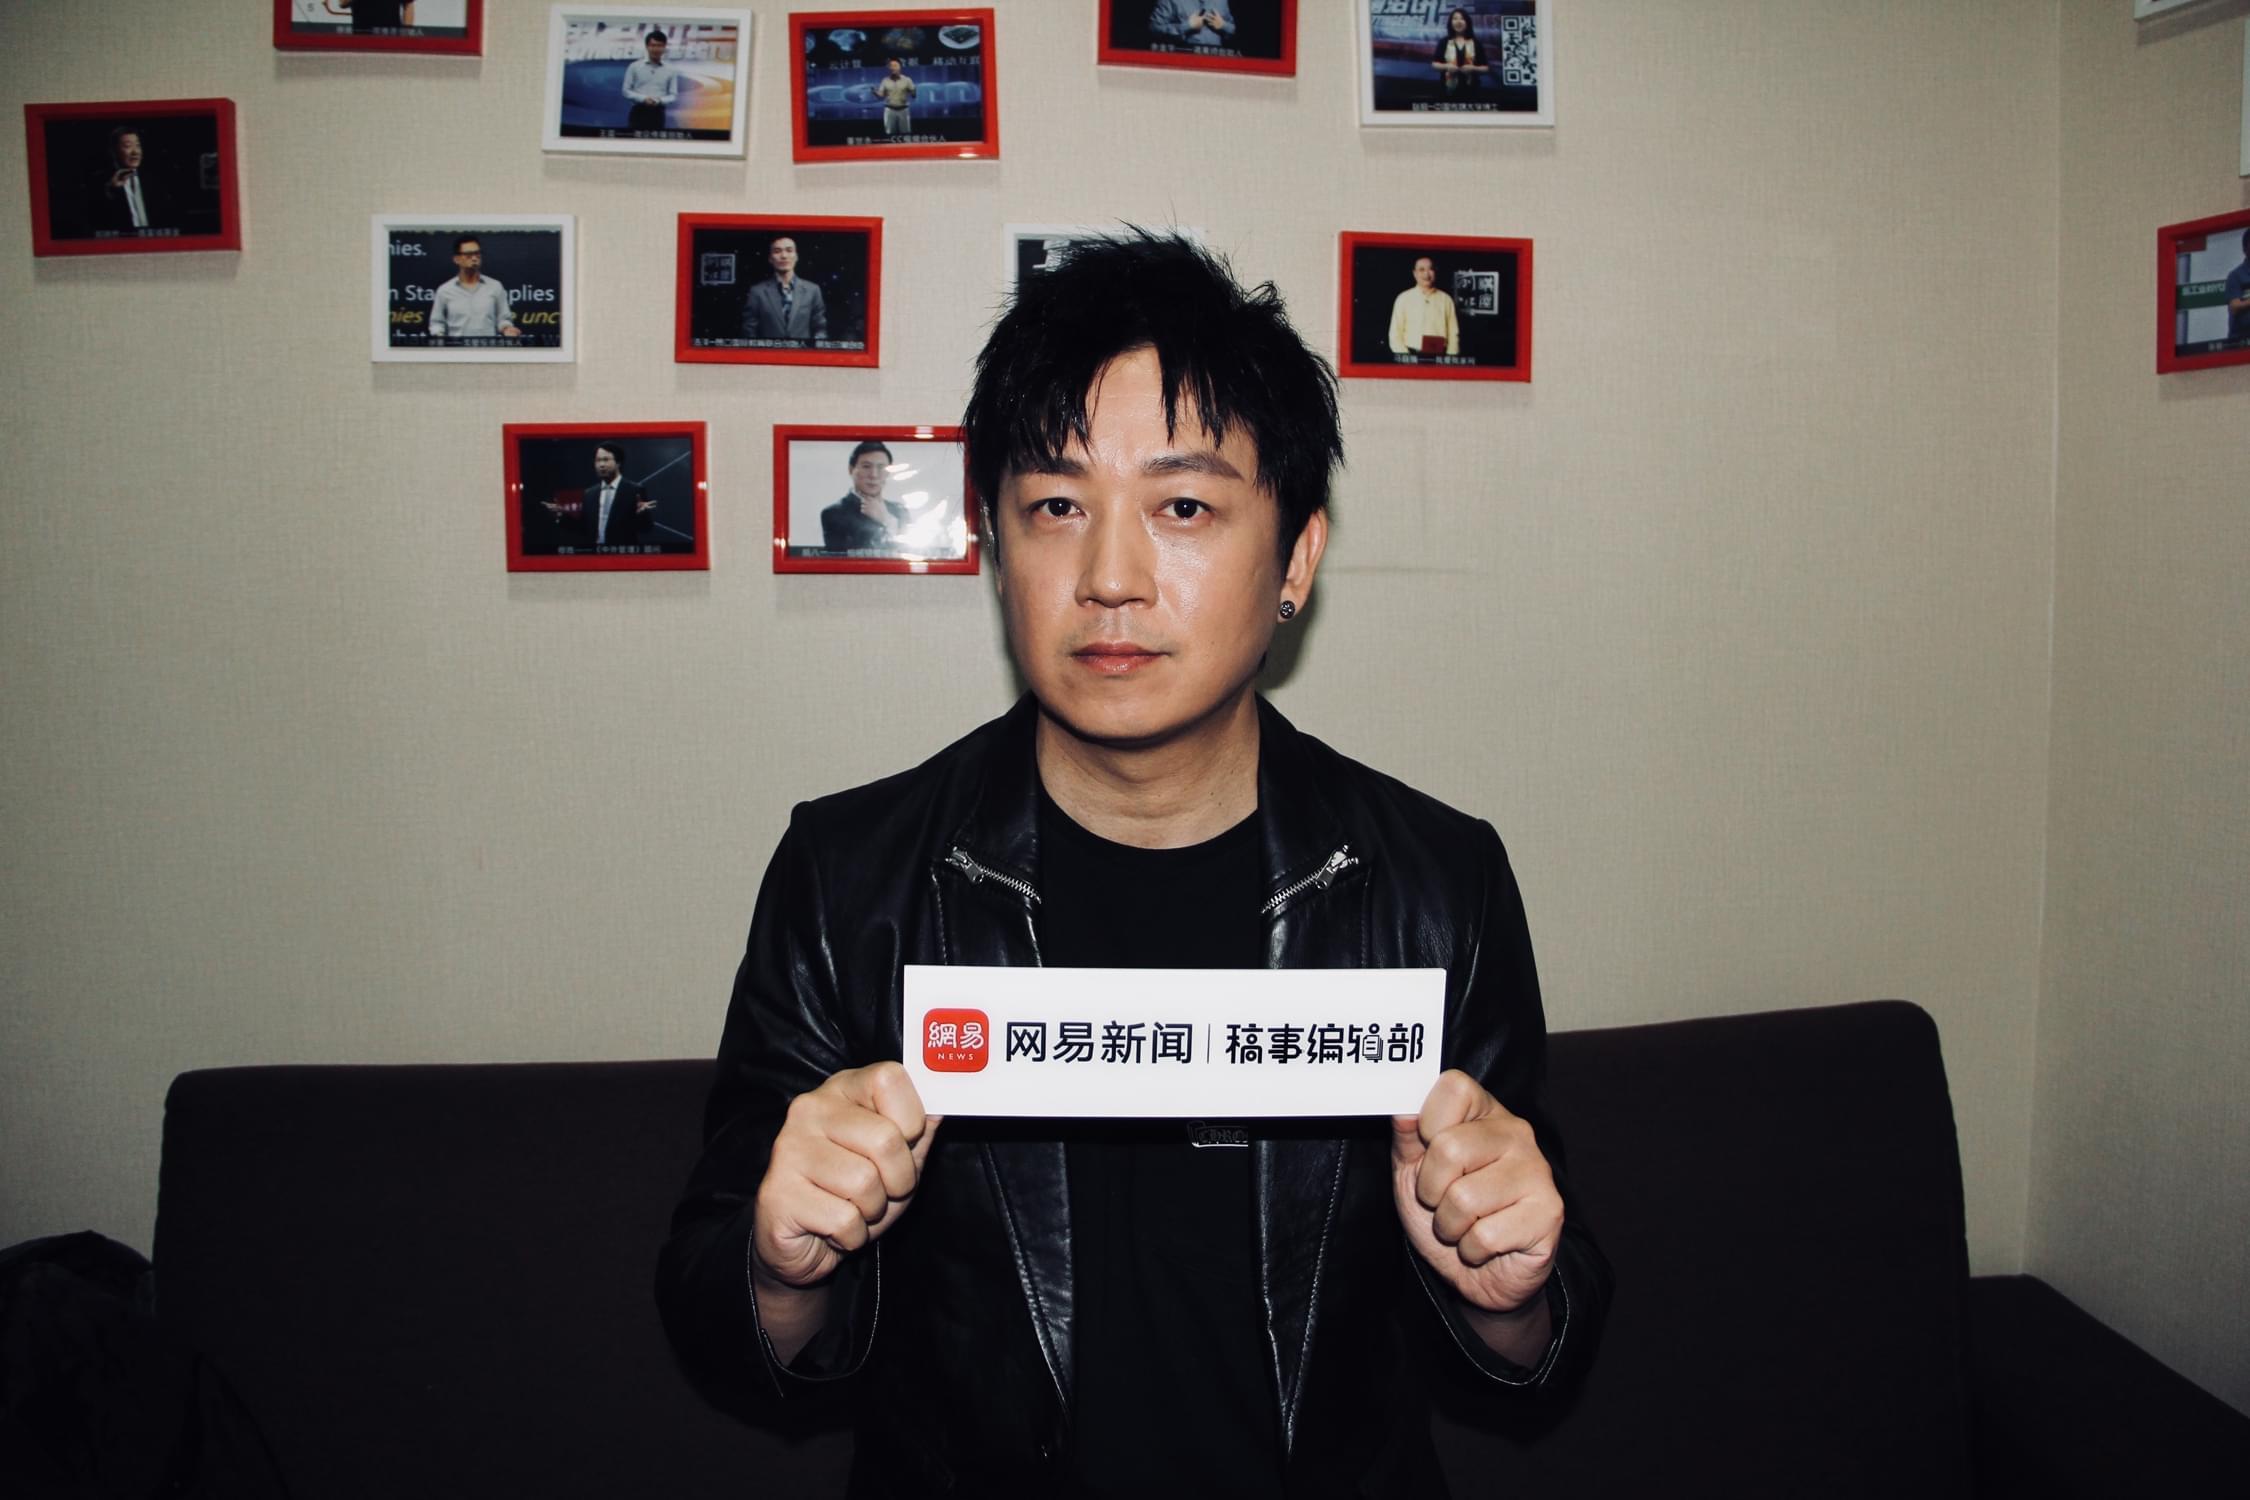 潘粤明走过5年最黑的夜才见到光 他说从前有太多的遗憾